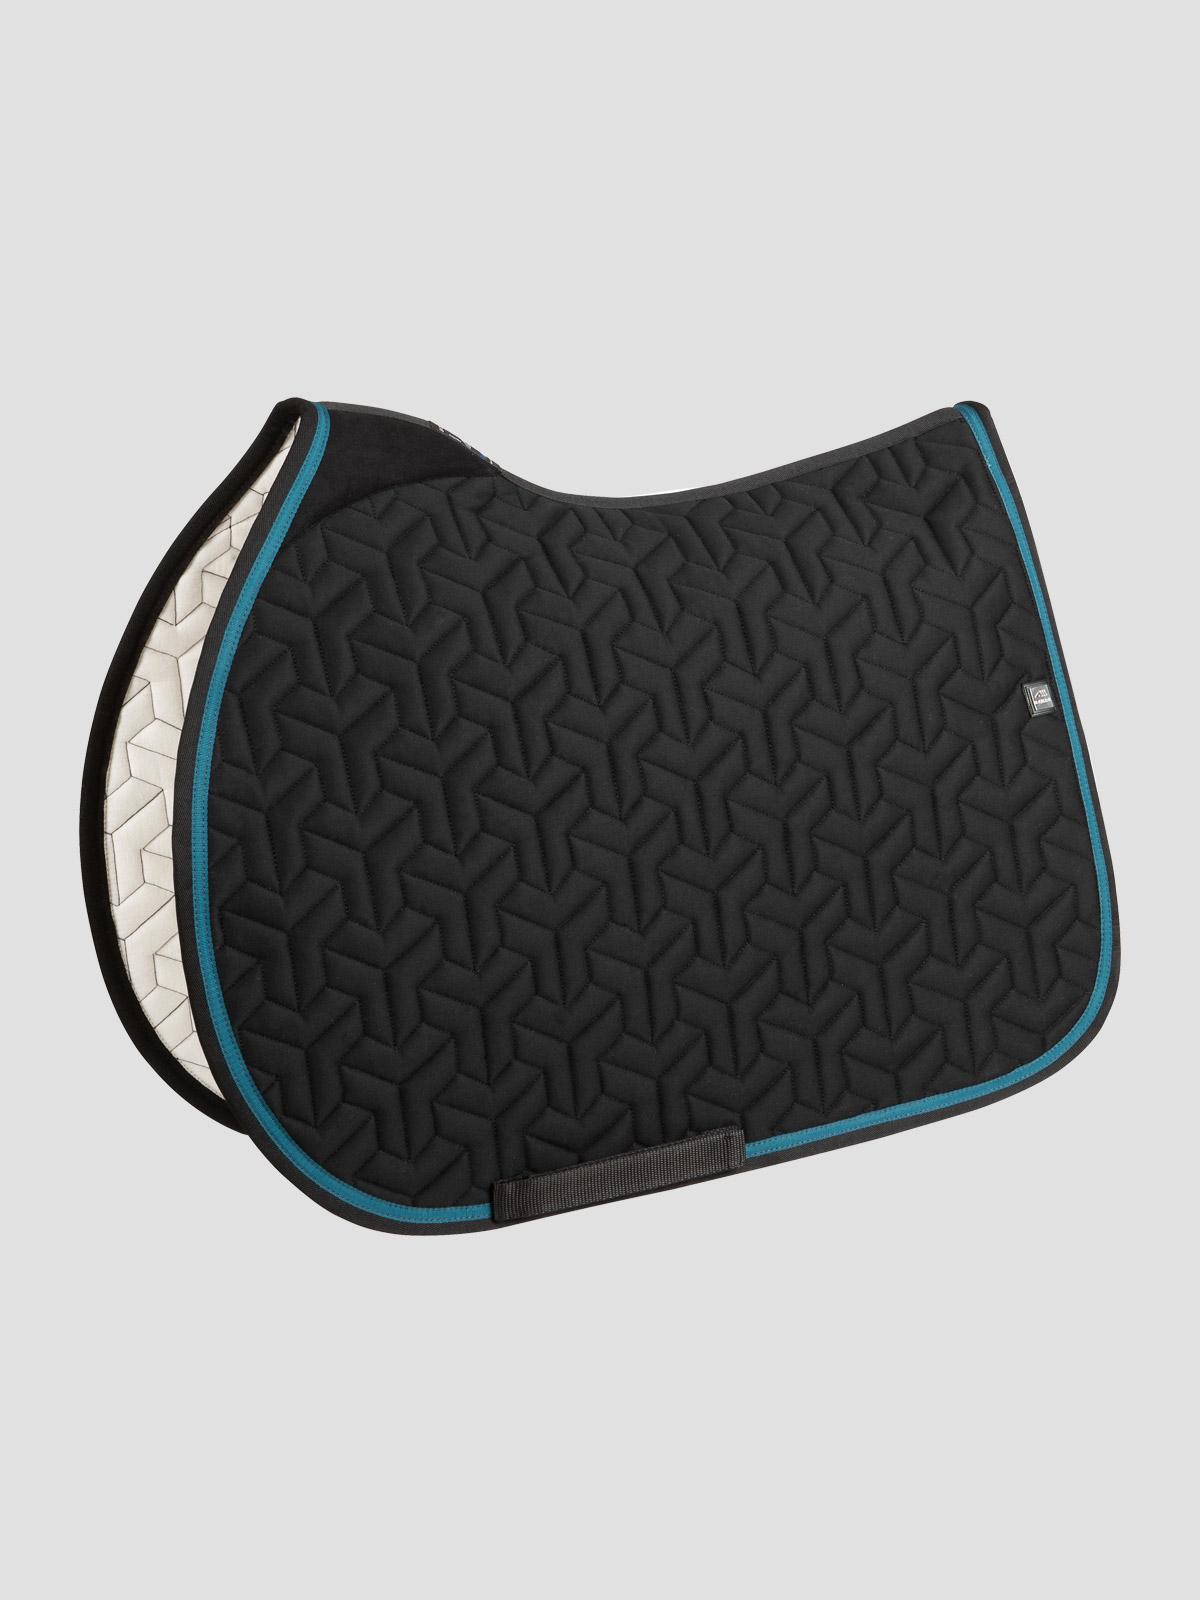 Crisc Equiline jumper saddle pad